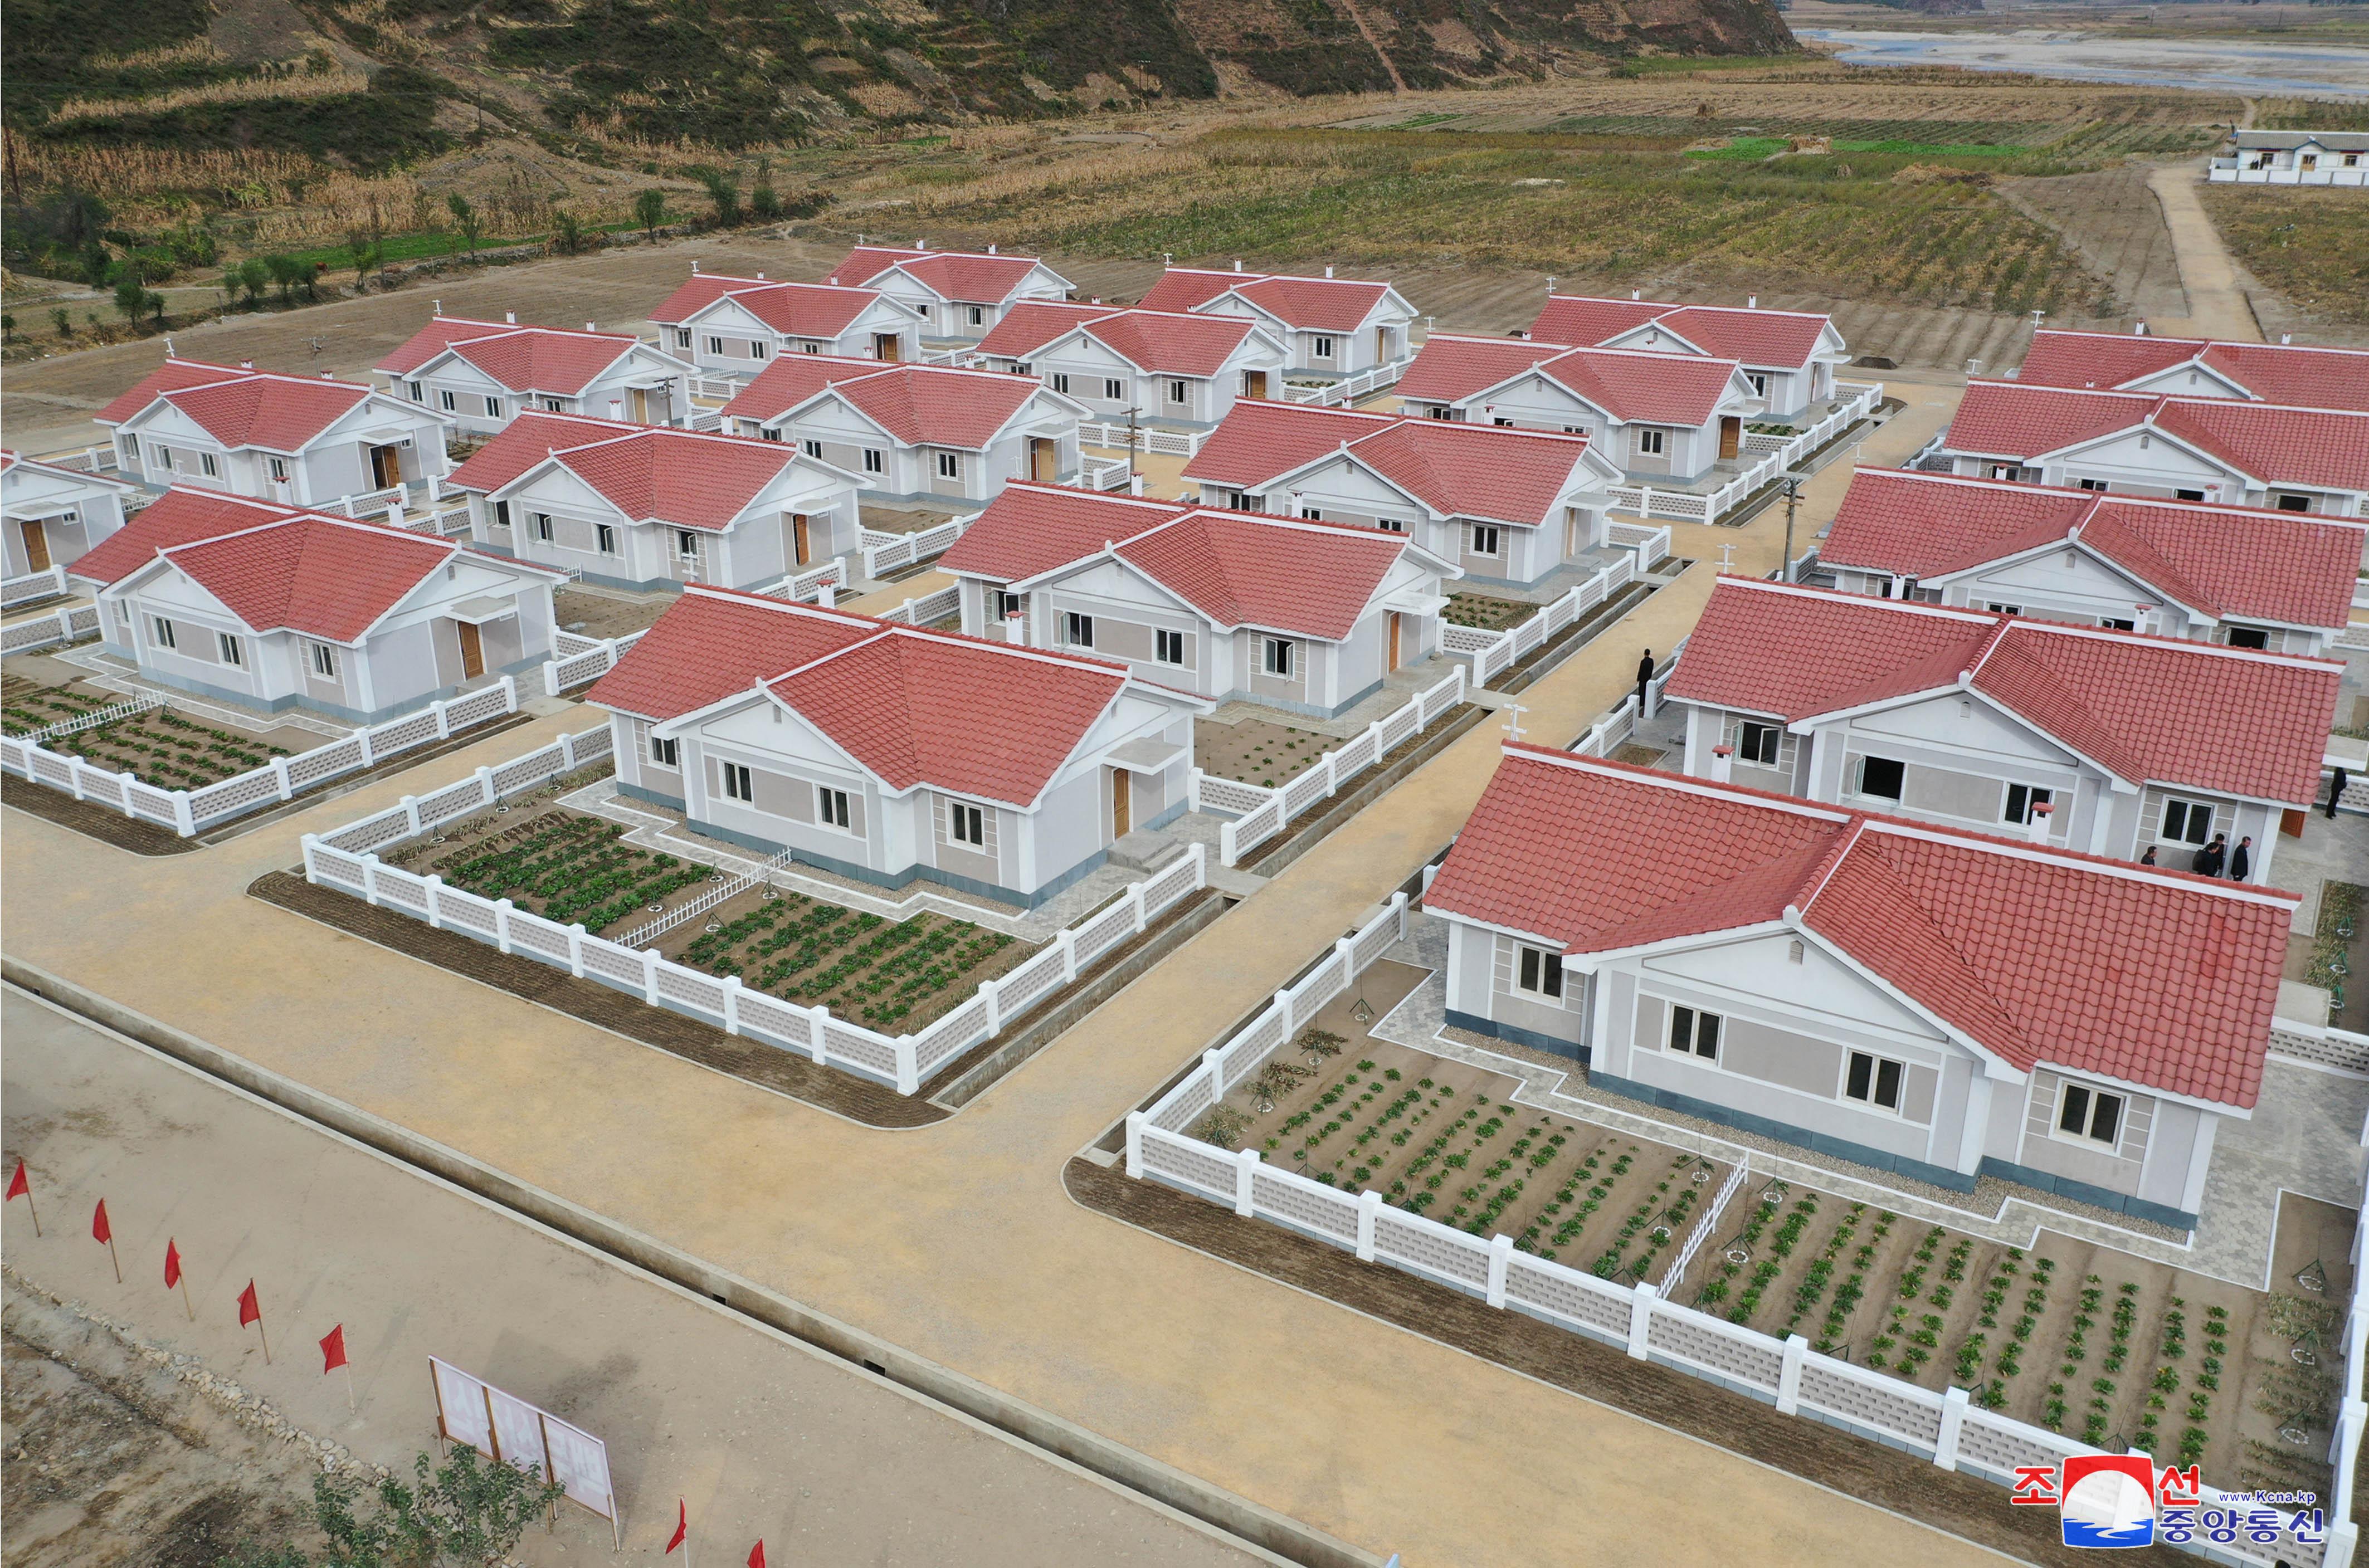 ▲▼北韓政府在咸鏡南道新浦、洪原為農民重建房舍。(圖/達志影像)